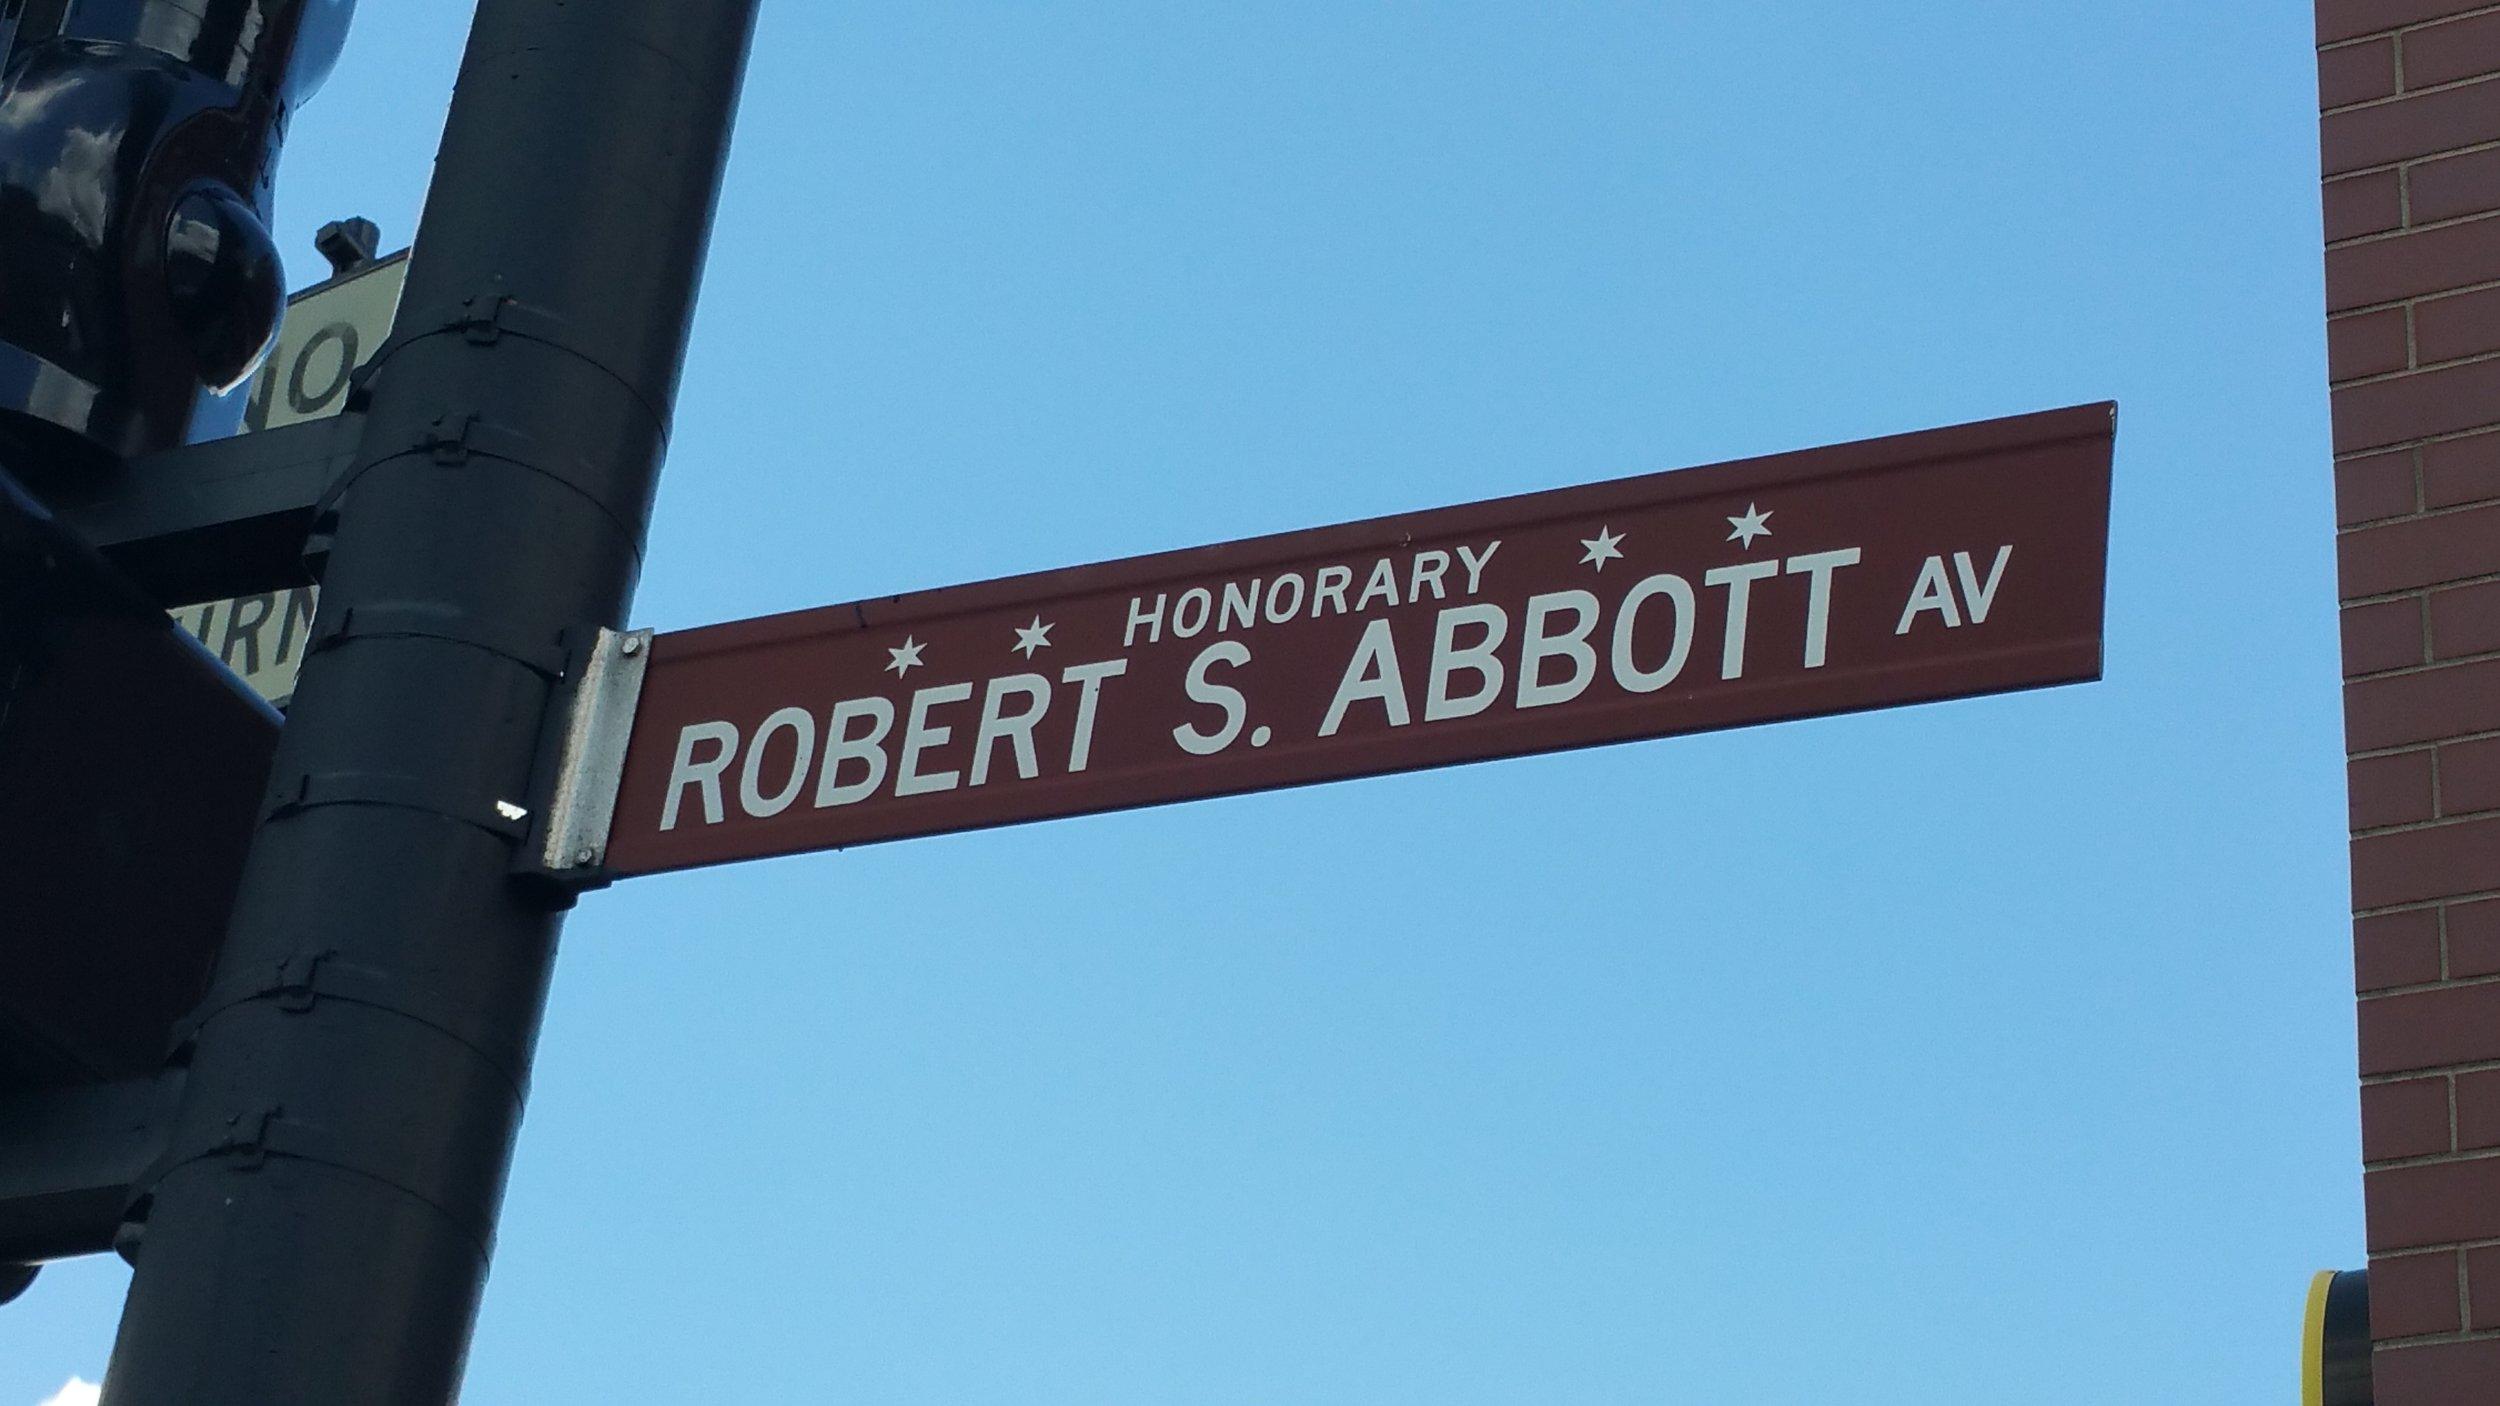 Robert Abbott - Chicago Defender newspaper founder - Honorary Chicago